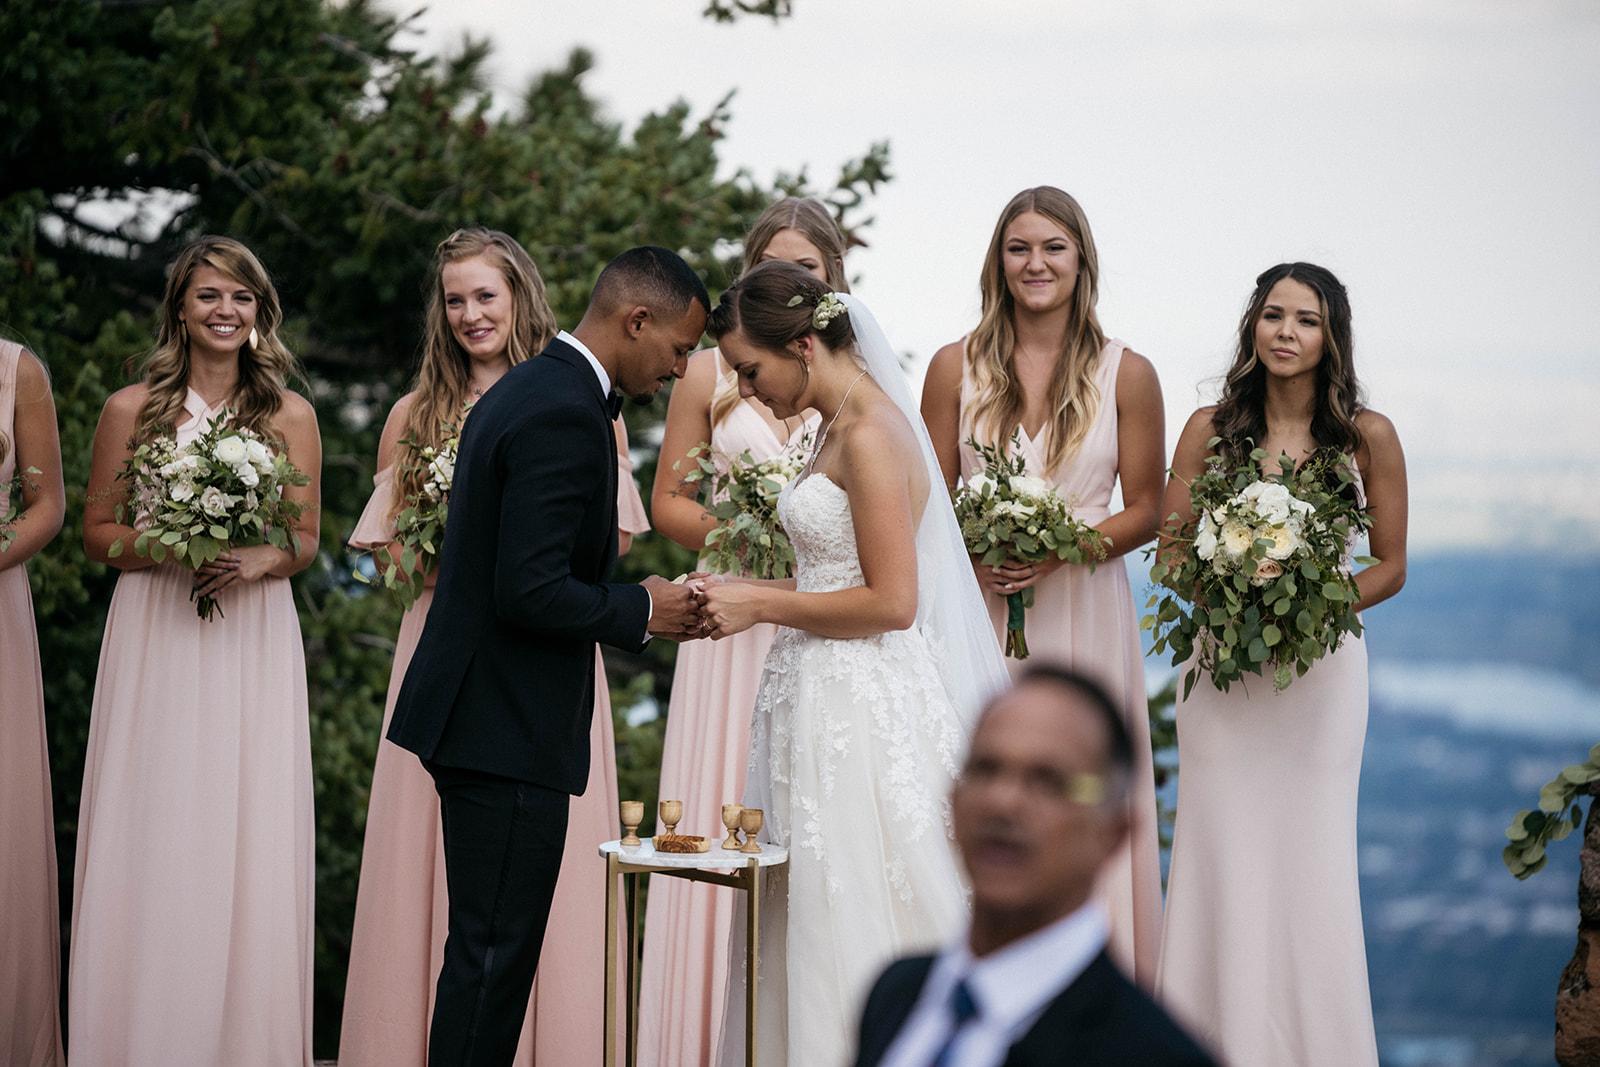 Katy_and_Solomon_Wedding_2019-399.jpg